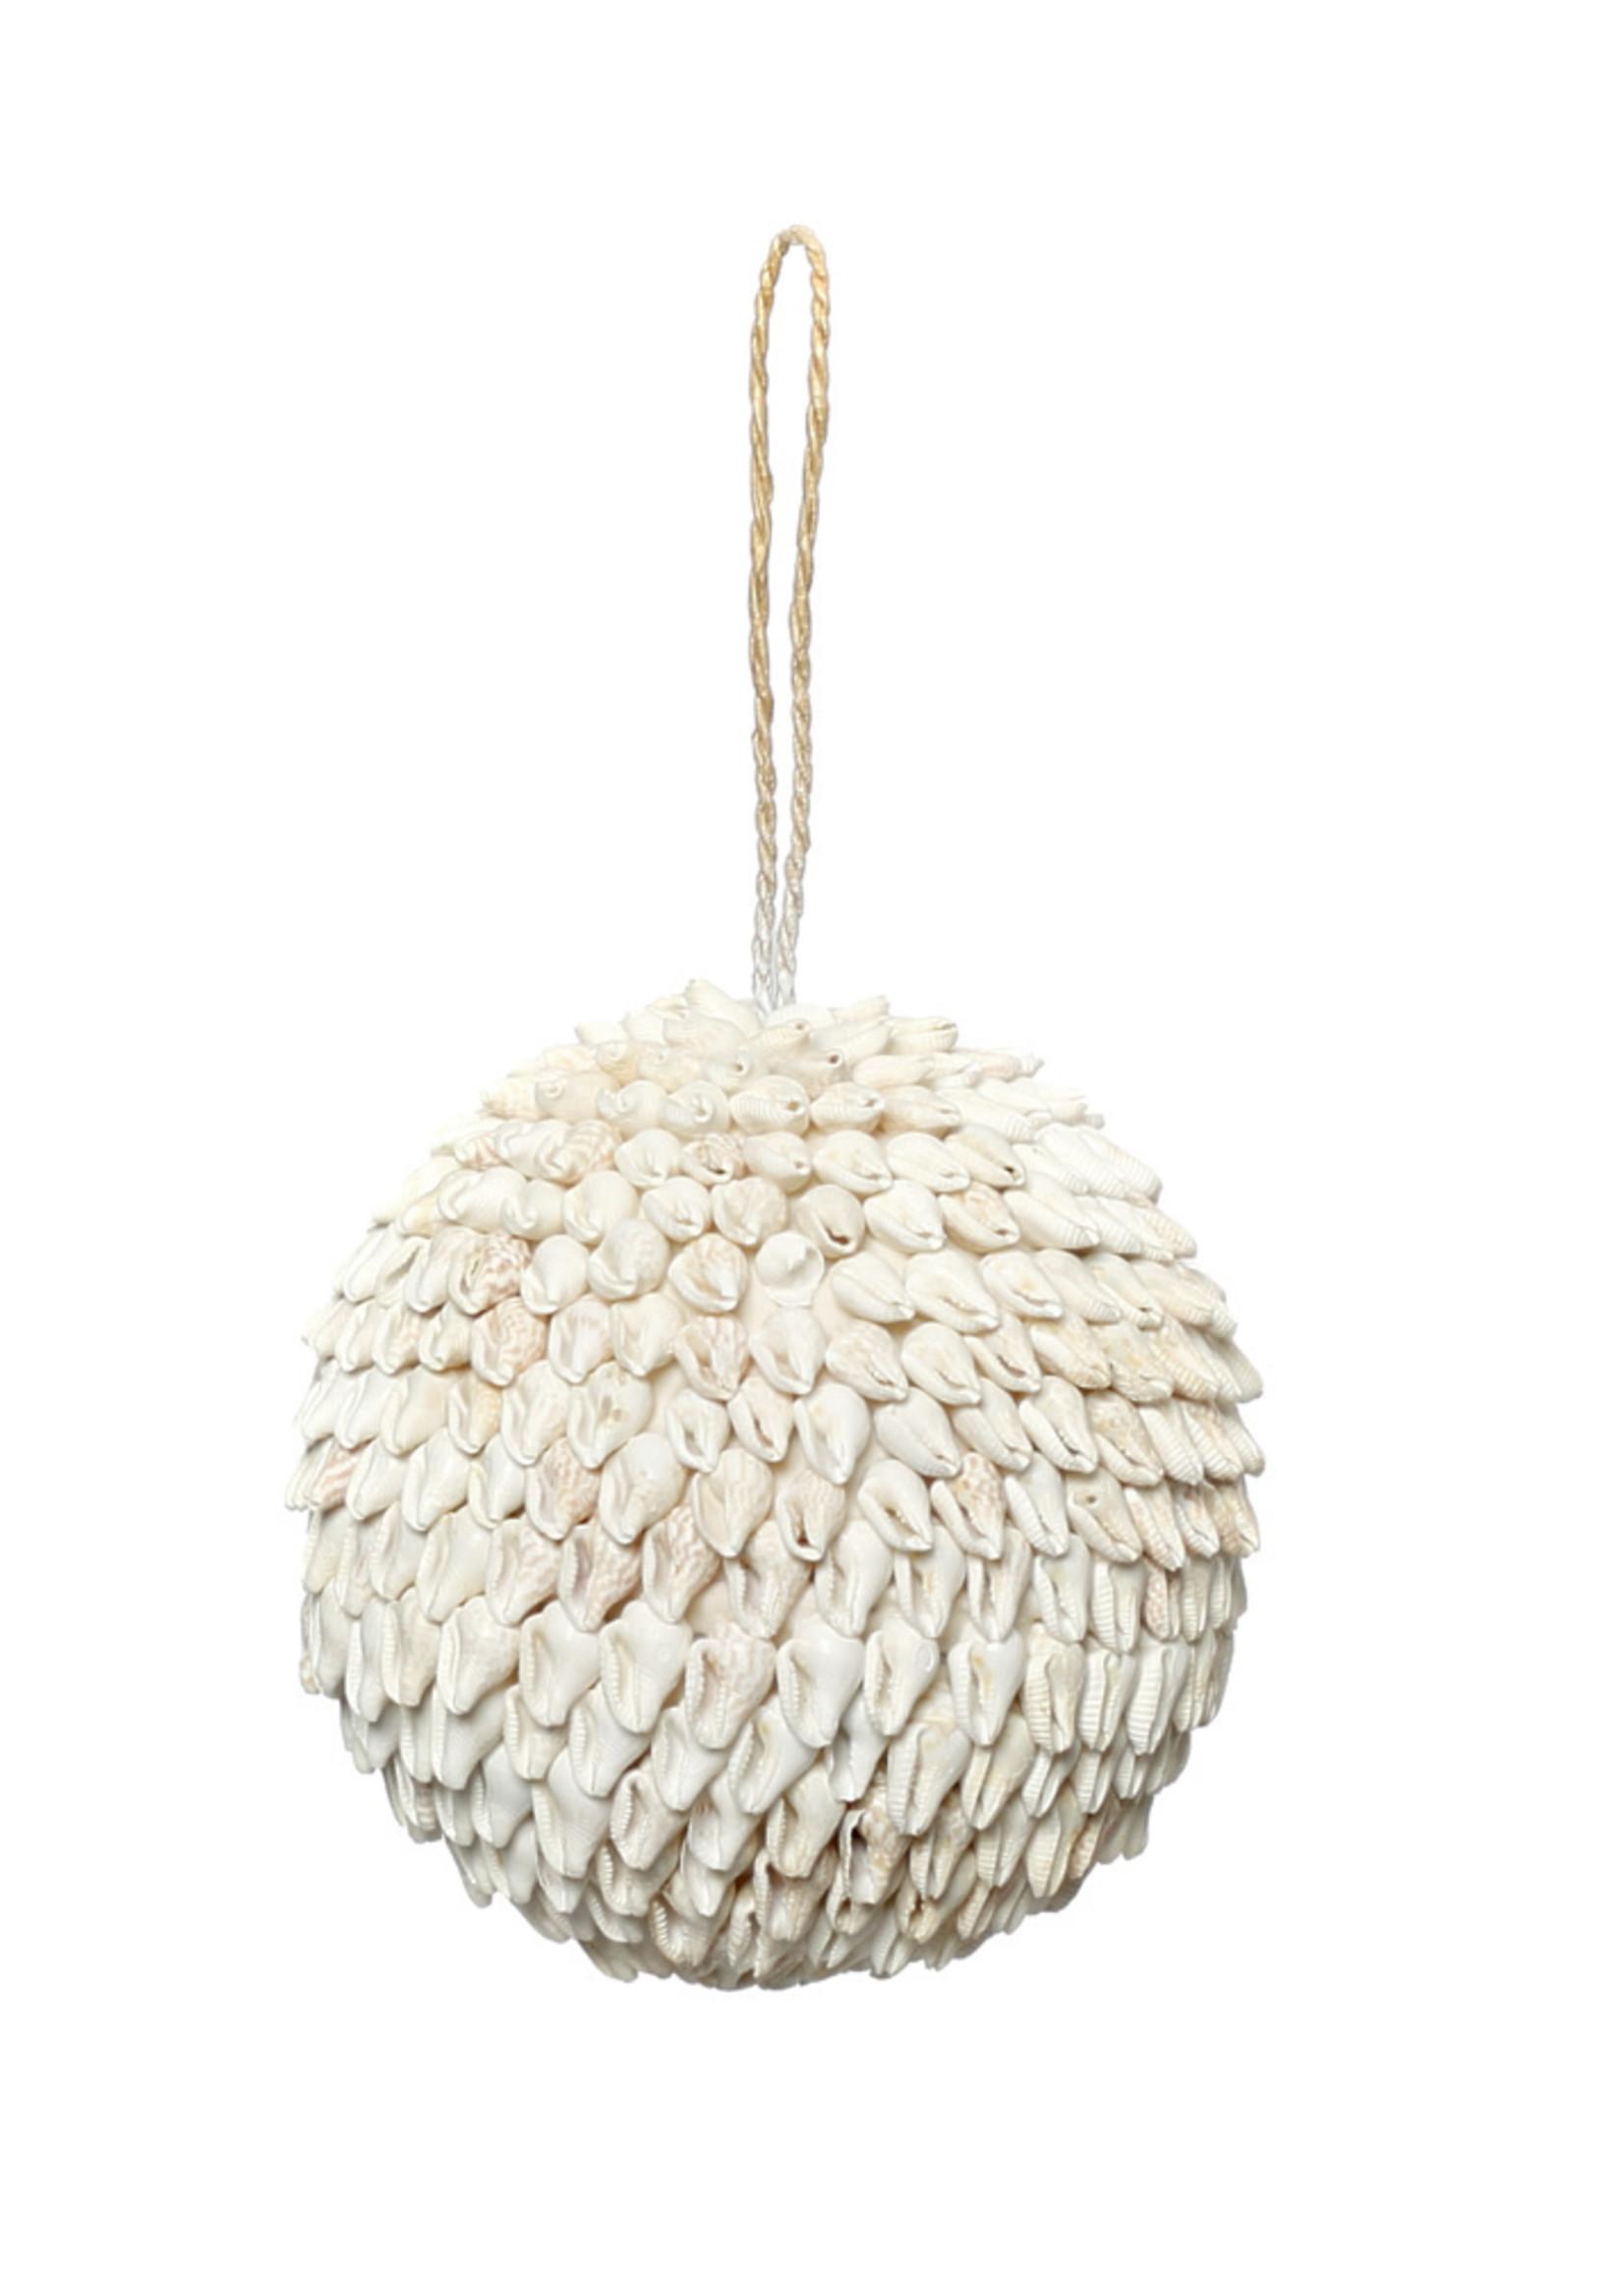 The Bubble Shell Ball - White - M